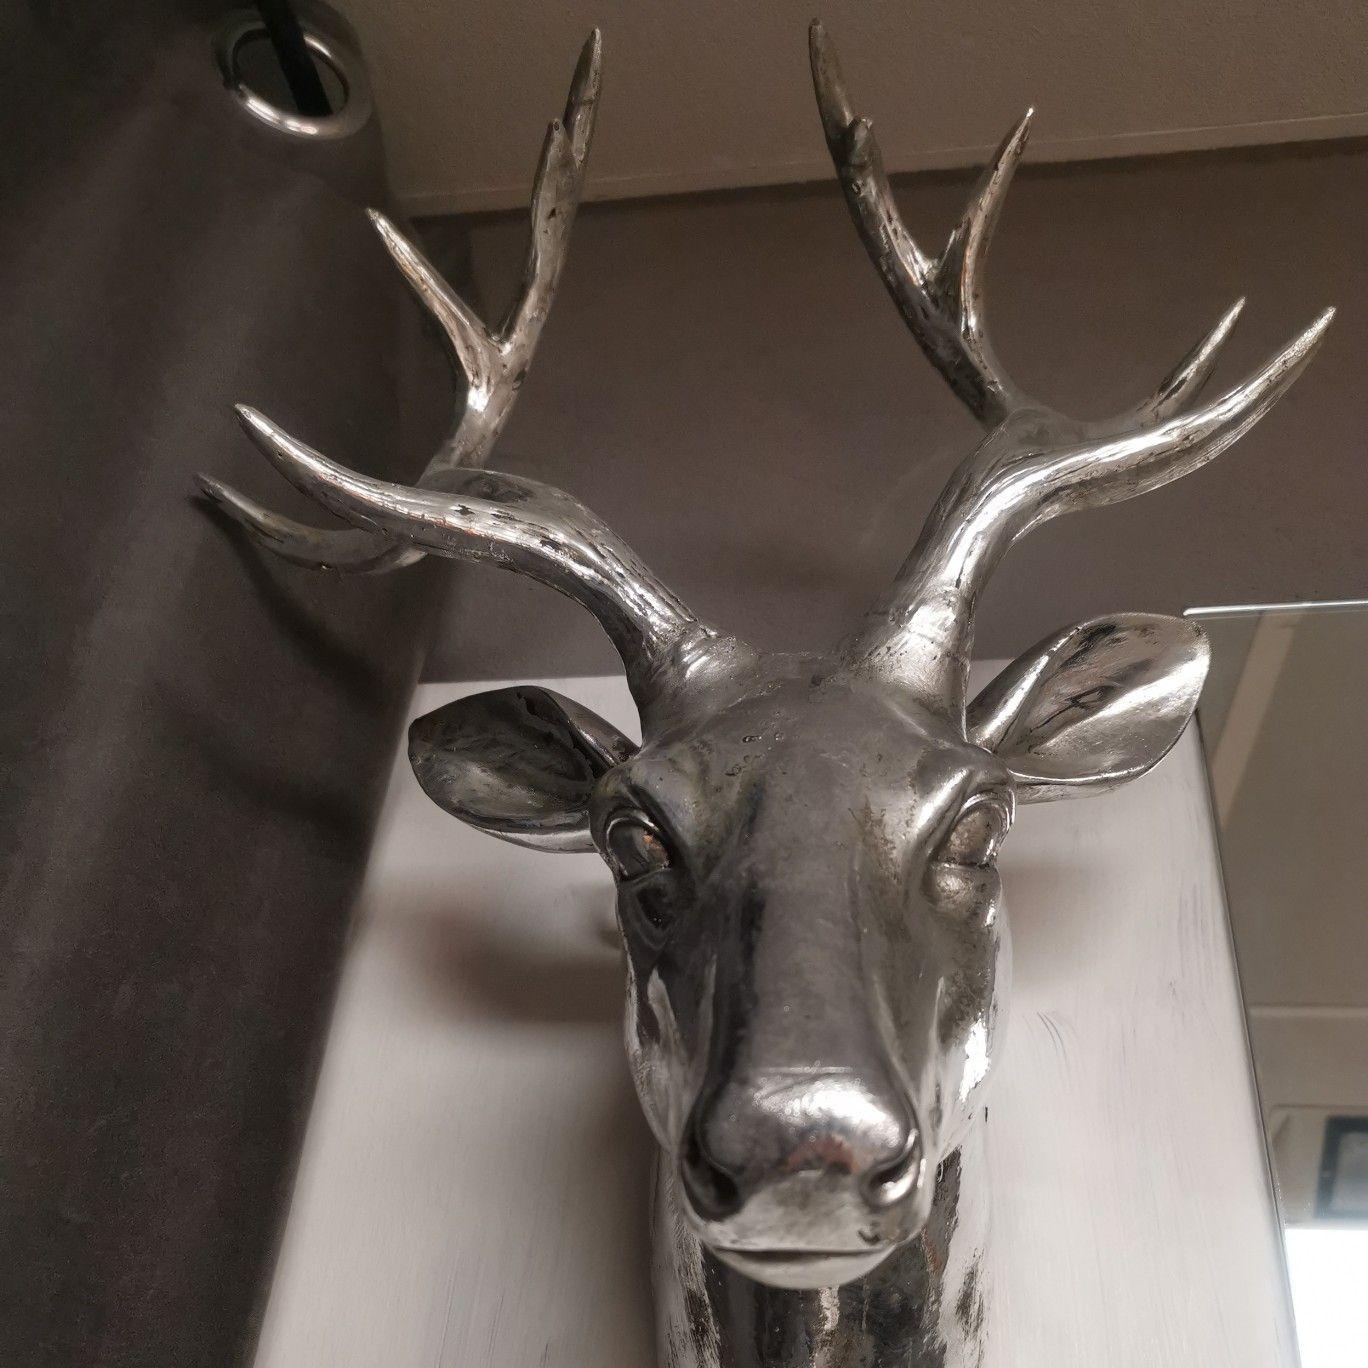 mega deko element geweih hirschkopf hirsch wanddekoration naturmaterialien wandobjekt metall silber